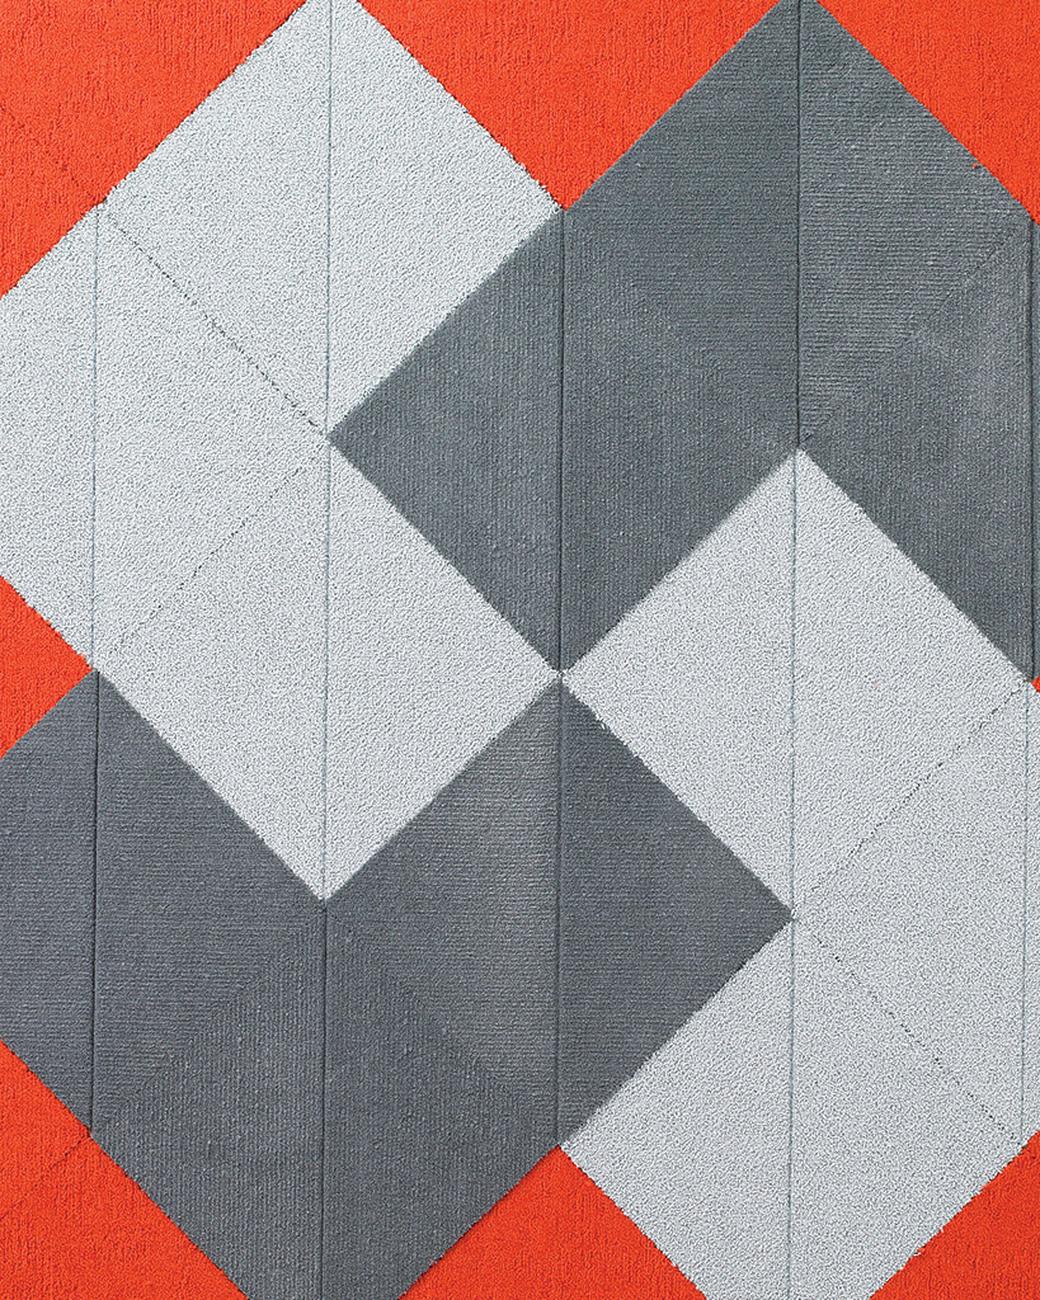 carpet tile patterns (image credit: martha stewart) VUDIHQU